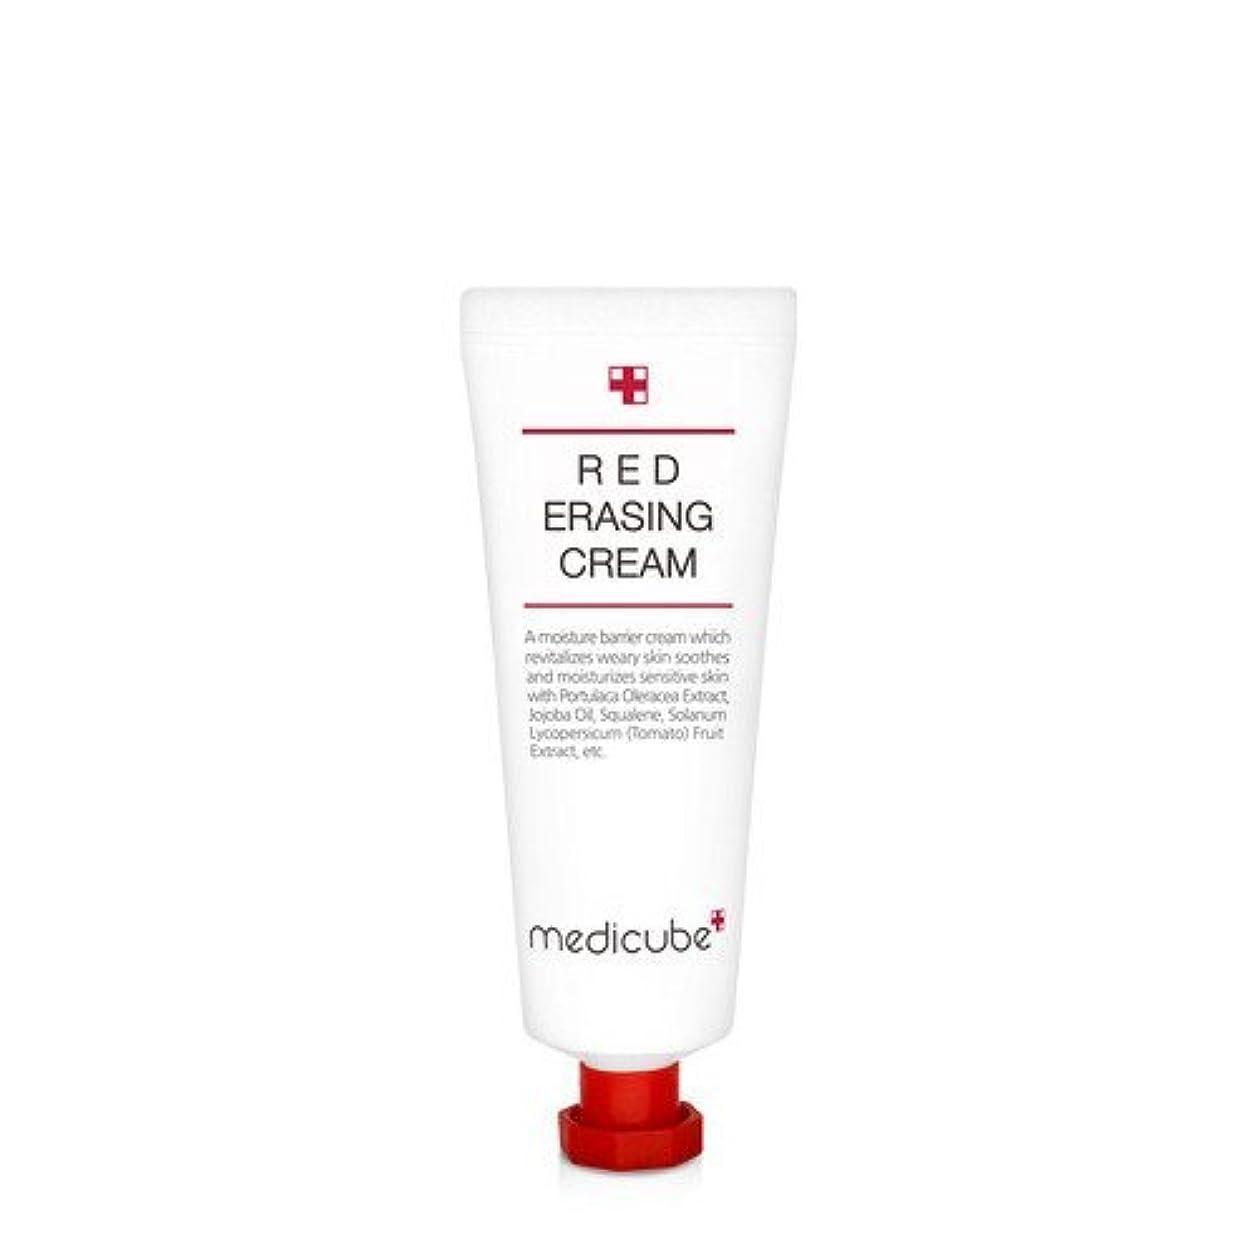 センチメートル不当路地[Medicube]Red Erasing Cream 50g / メディキューブレッドイレイジングクリーム / 正品?海外直送商品 [並行輸入品]